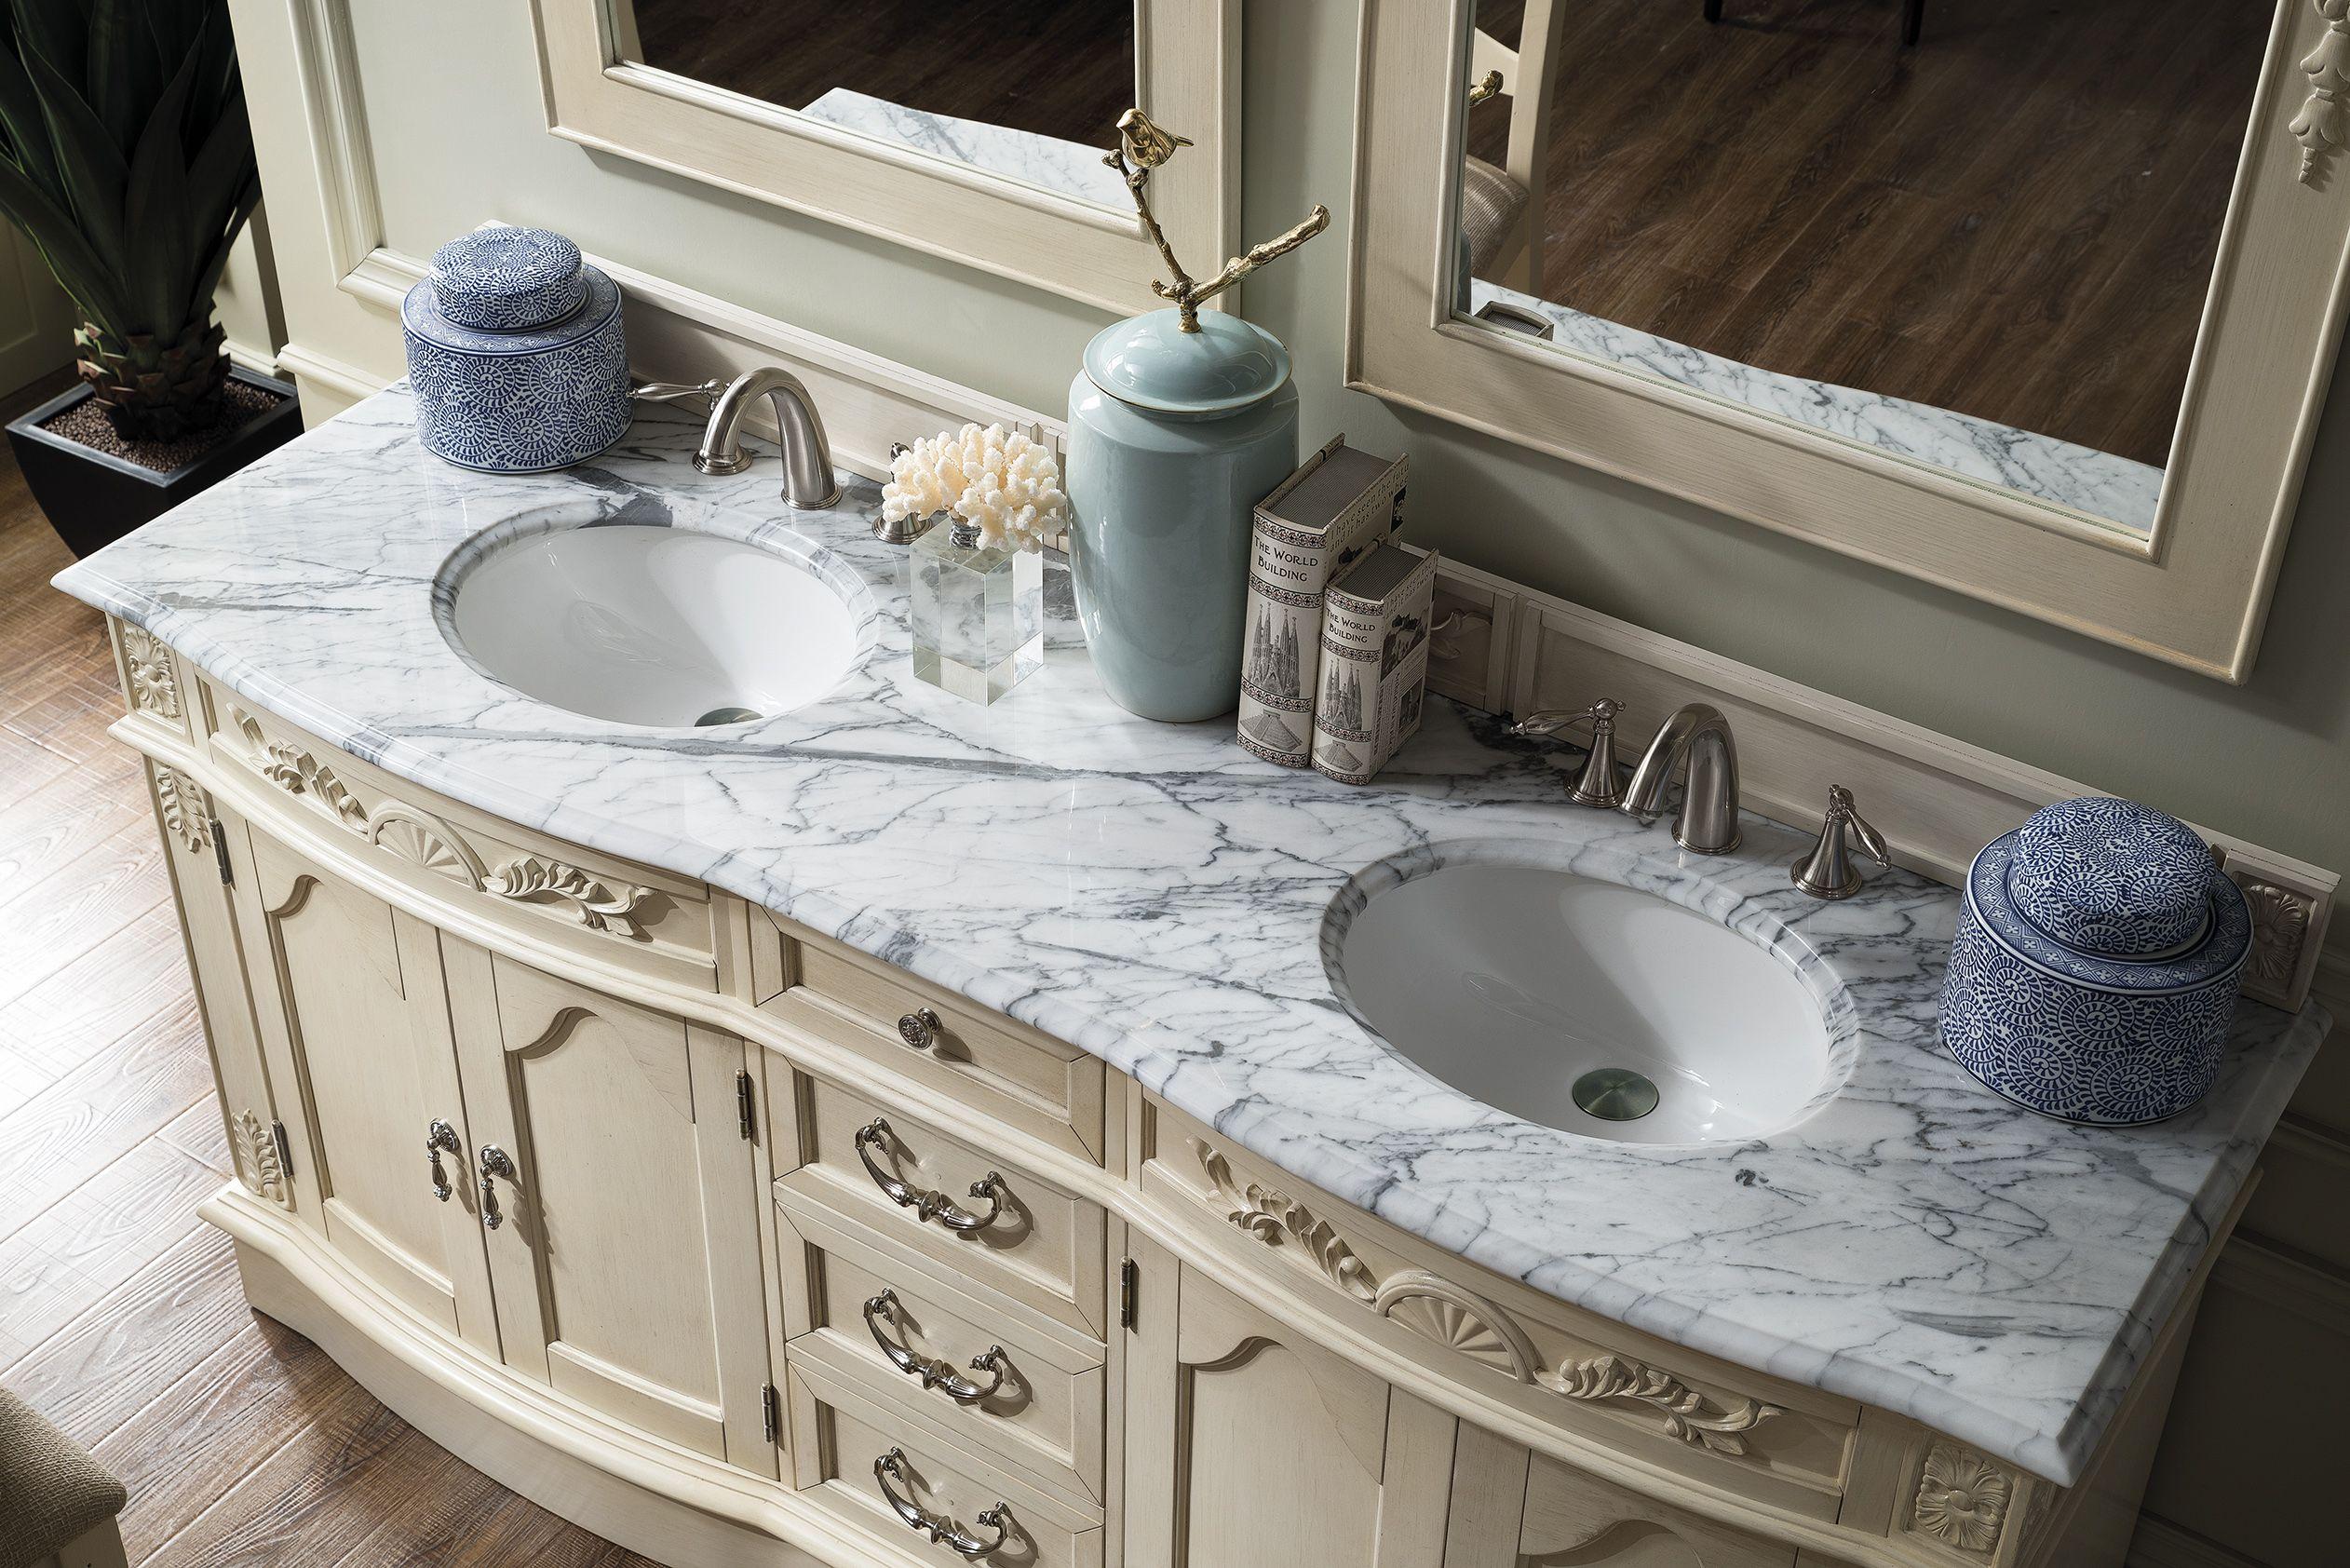 Amalfi 72 Double Sink Bathroom Vanity Cabinet Vintage Vanilla Finish Old World Style Ja Vintage Bathroom Vanities Luxury Bathroom Vanity Bathroom Vanity